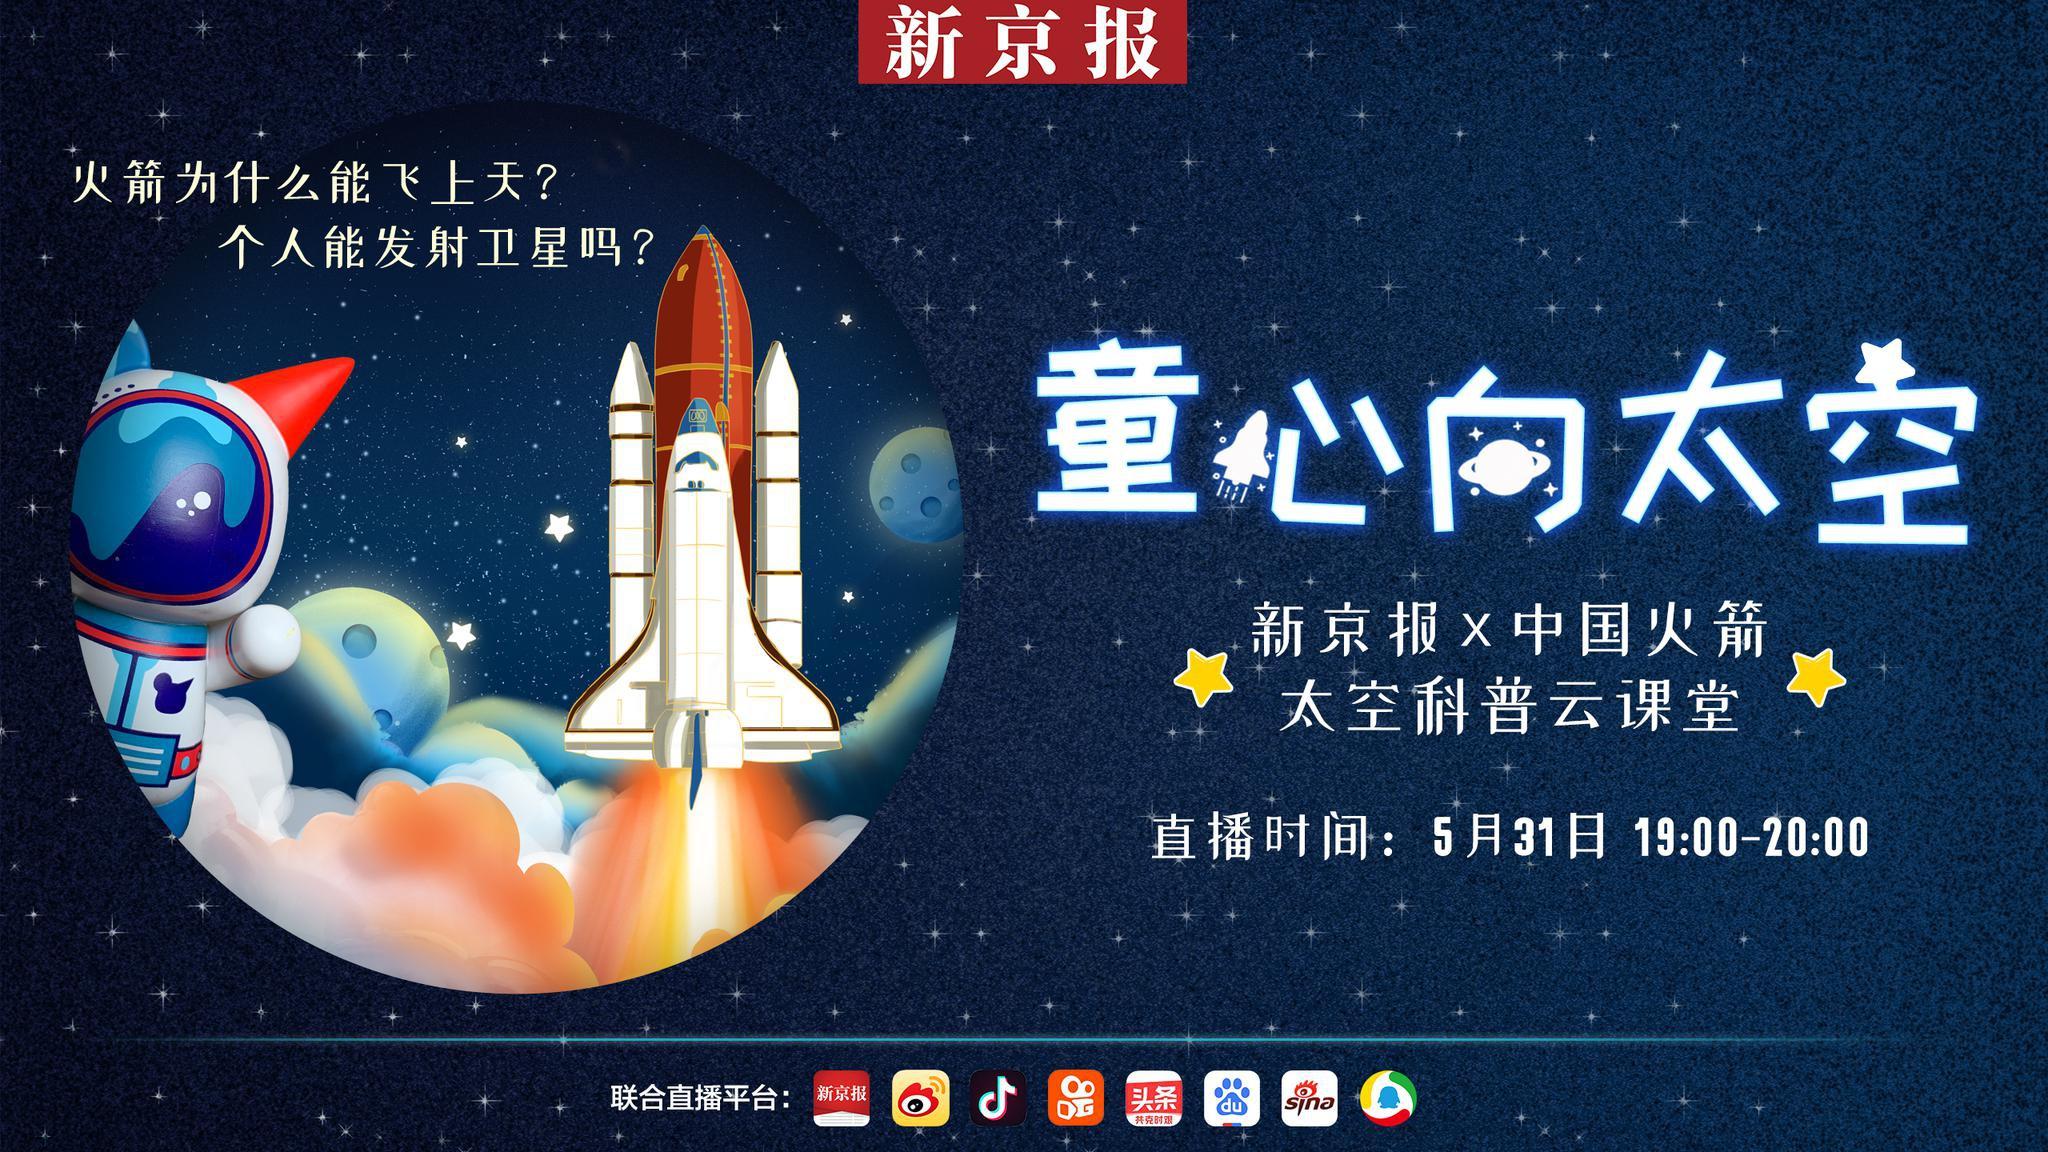 「天富主管」空解密火箭新京报与中国火箭科普天富主管图片